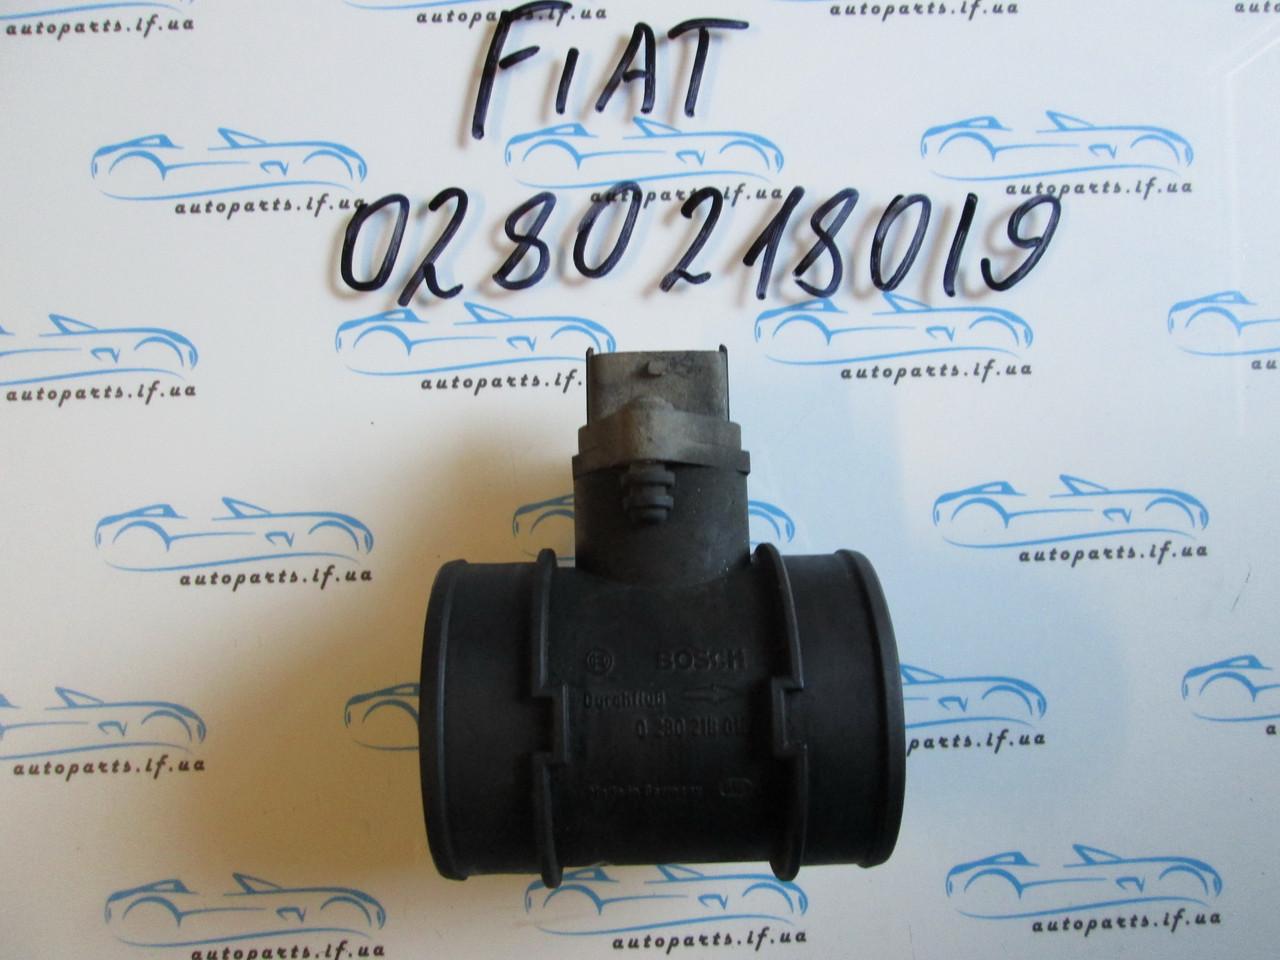 Воздухомер Fiat 0280218019